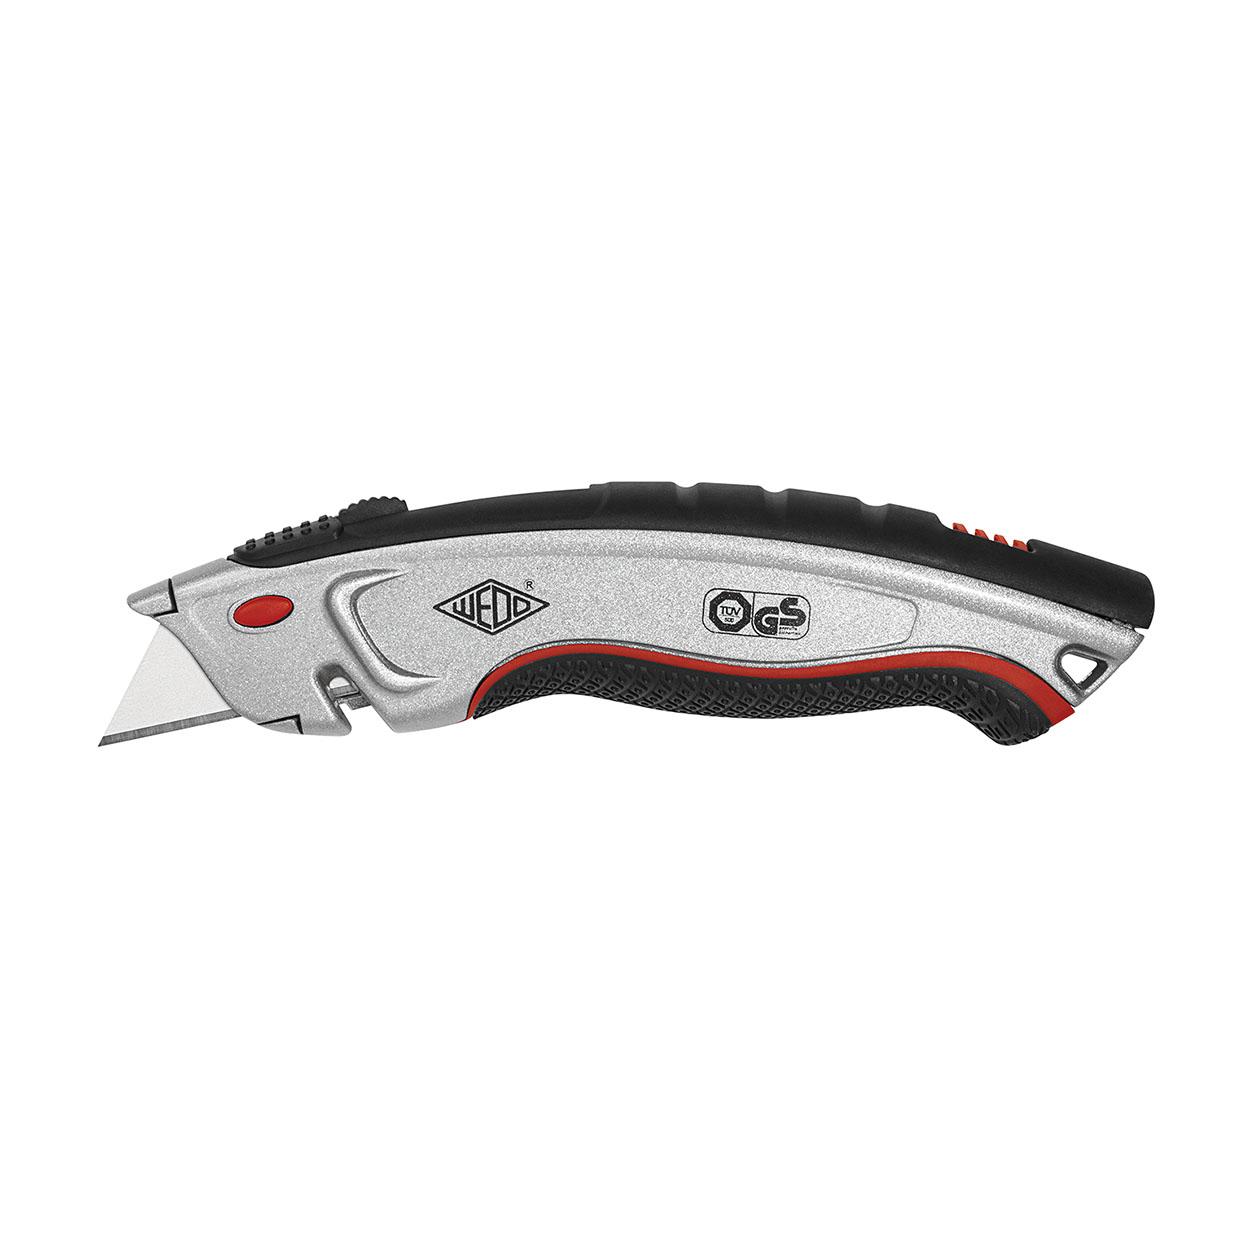 PRO PLUS - bezpieczny nóż z rozcinakiem